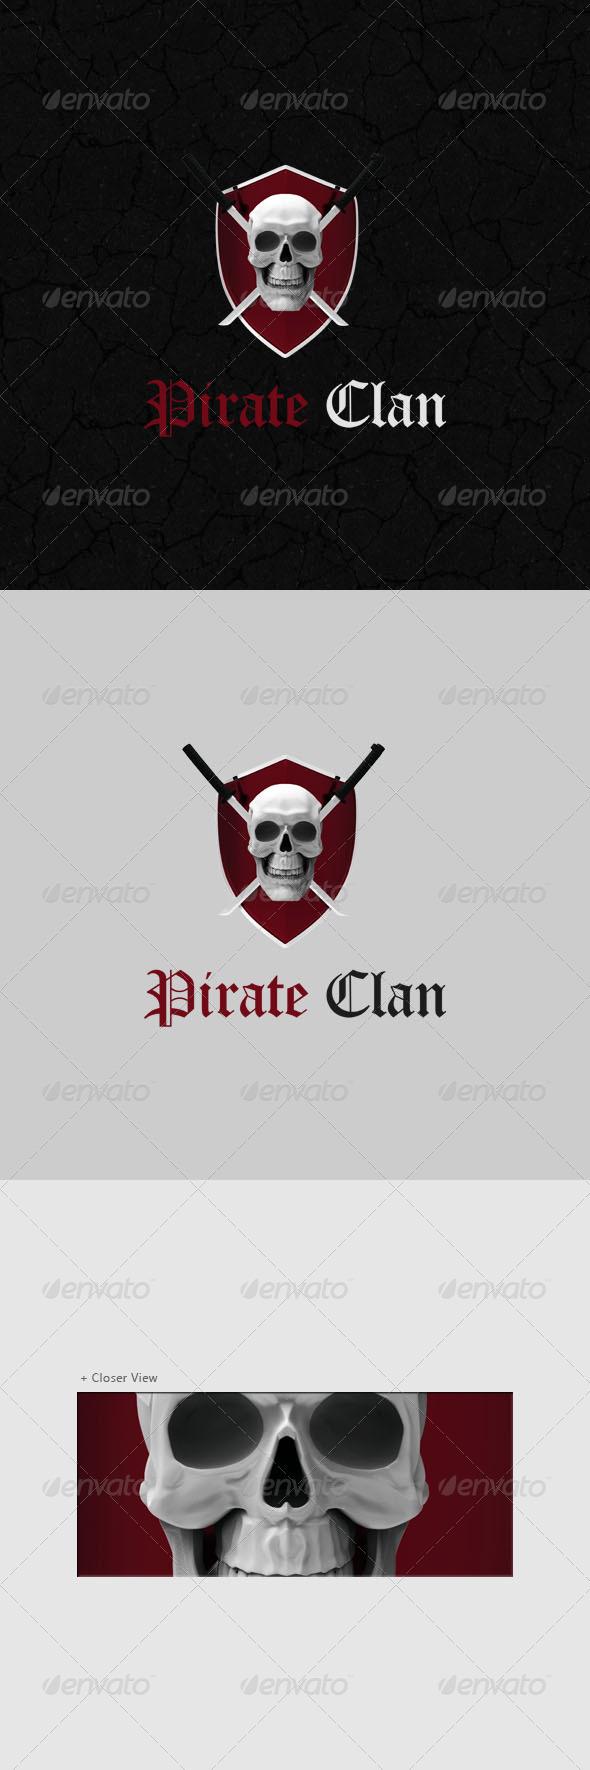 Pirate Logo 3D